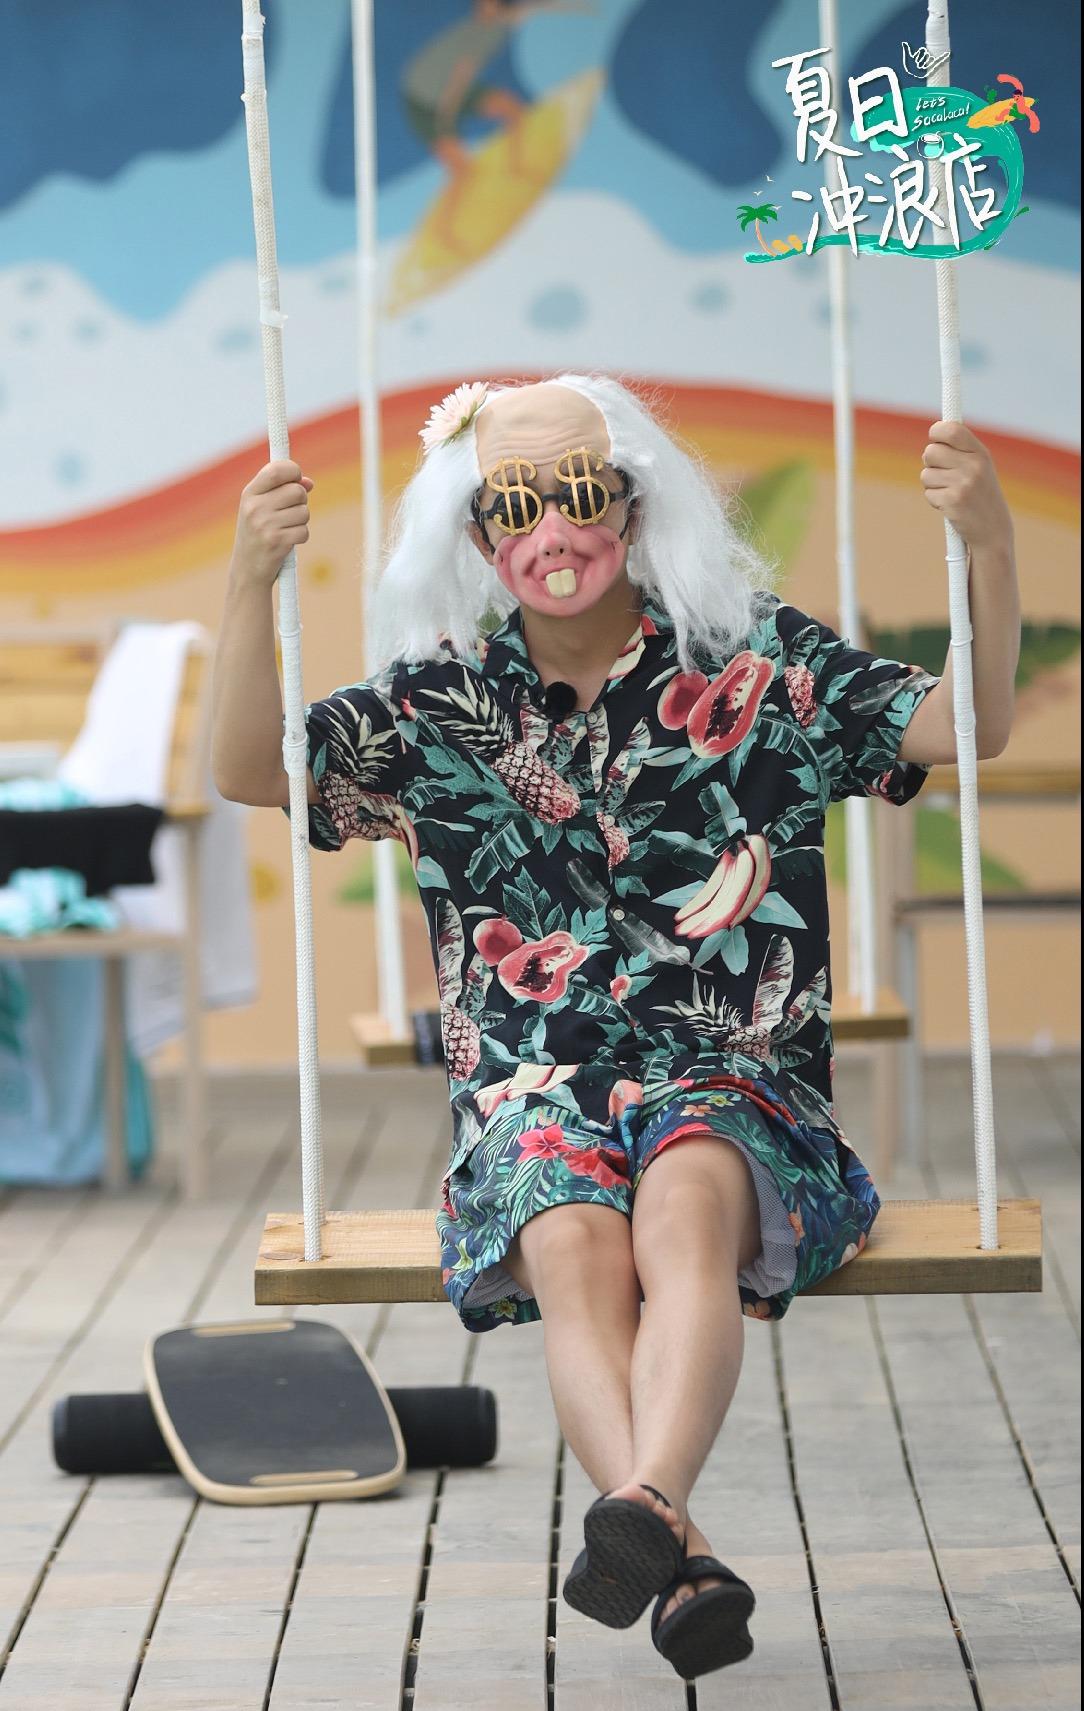 黄轩《夏日冲浪店》持续热播裘千尺造型搞怪吸睛引关注